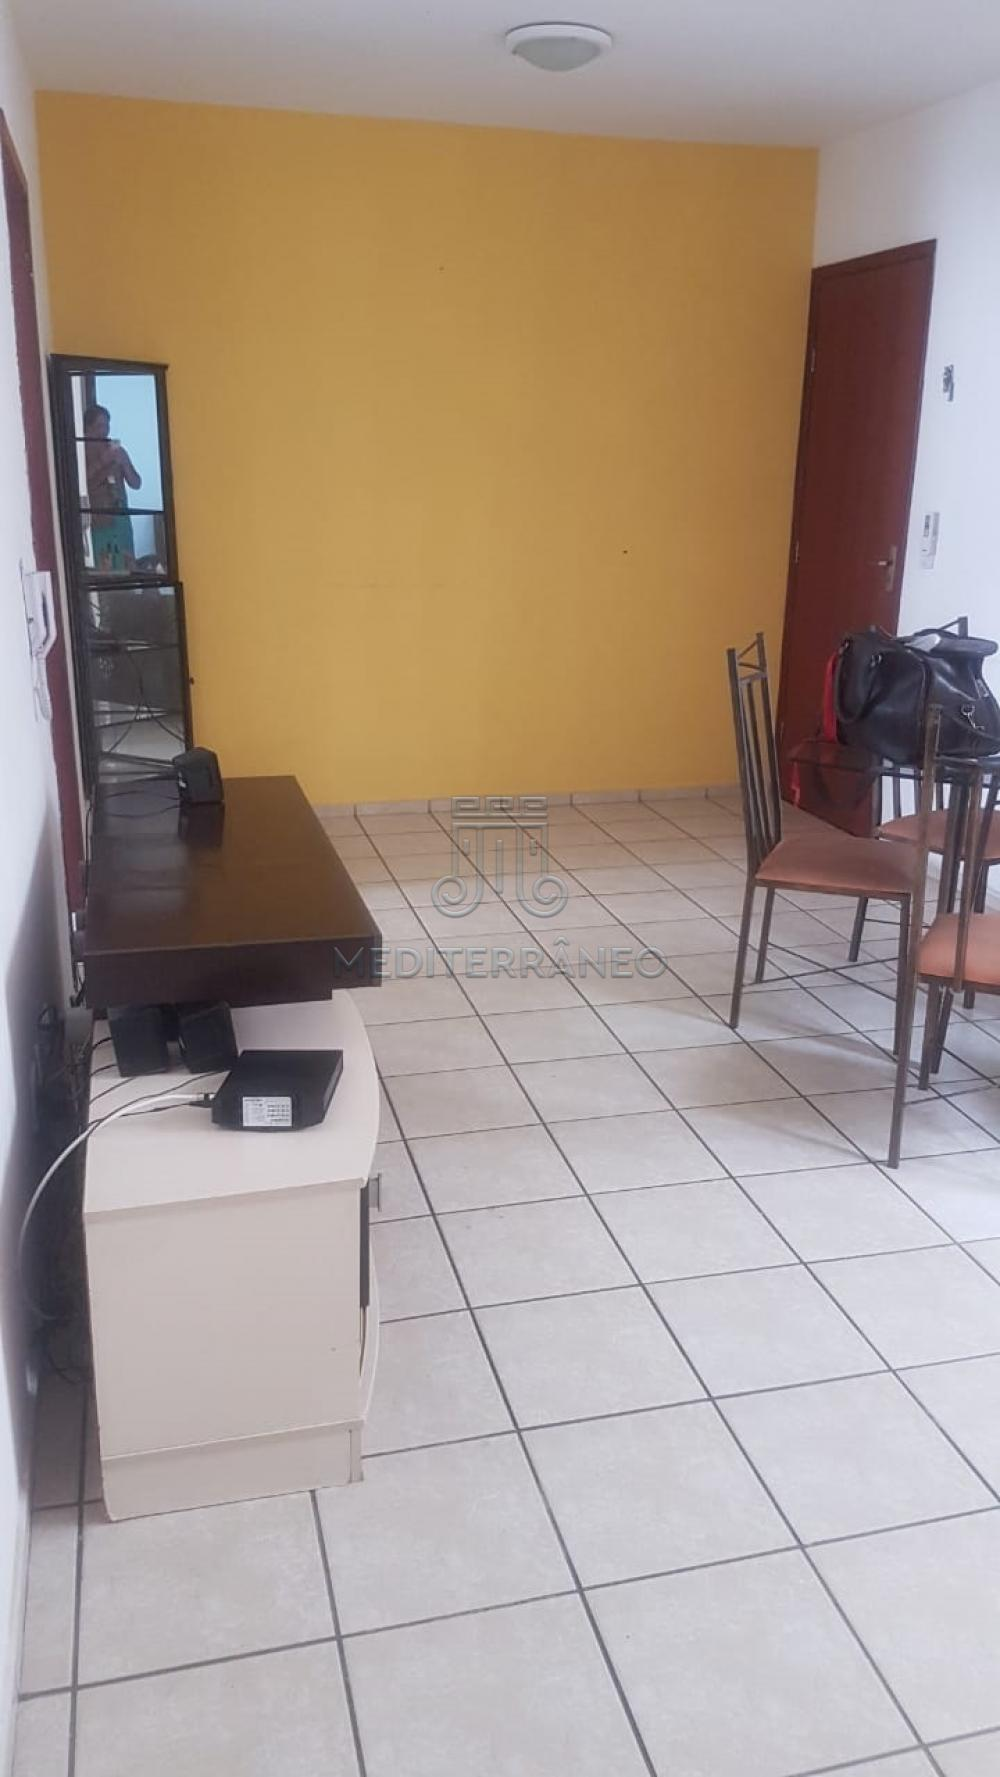 Alugar Apartamento / Padrão em Jundiaí apenas R$ 1.100,00 - Foto 1